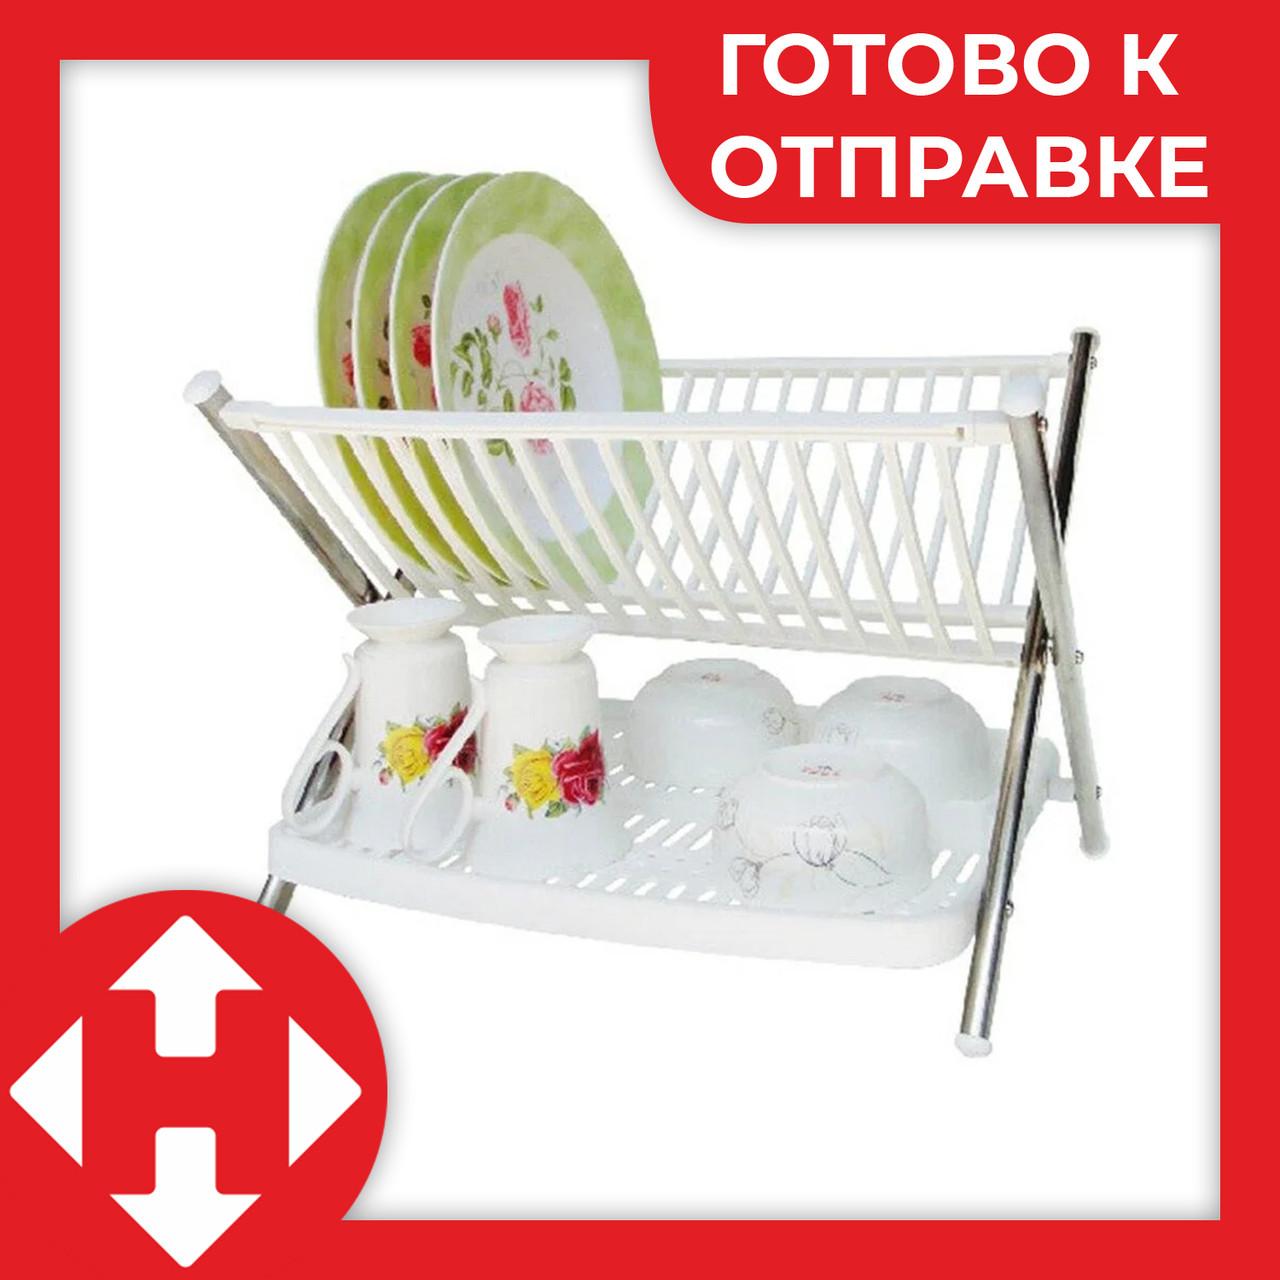 Распродажа! Сушилка для посуды настольная двухъярусная складная подставка Folding Rack Kithen пластиковая